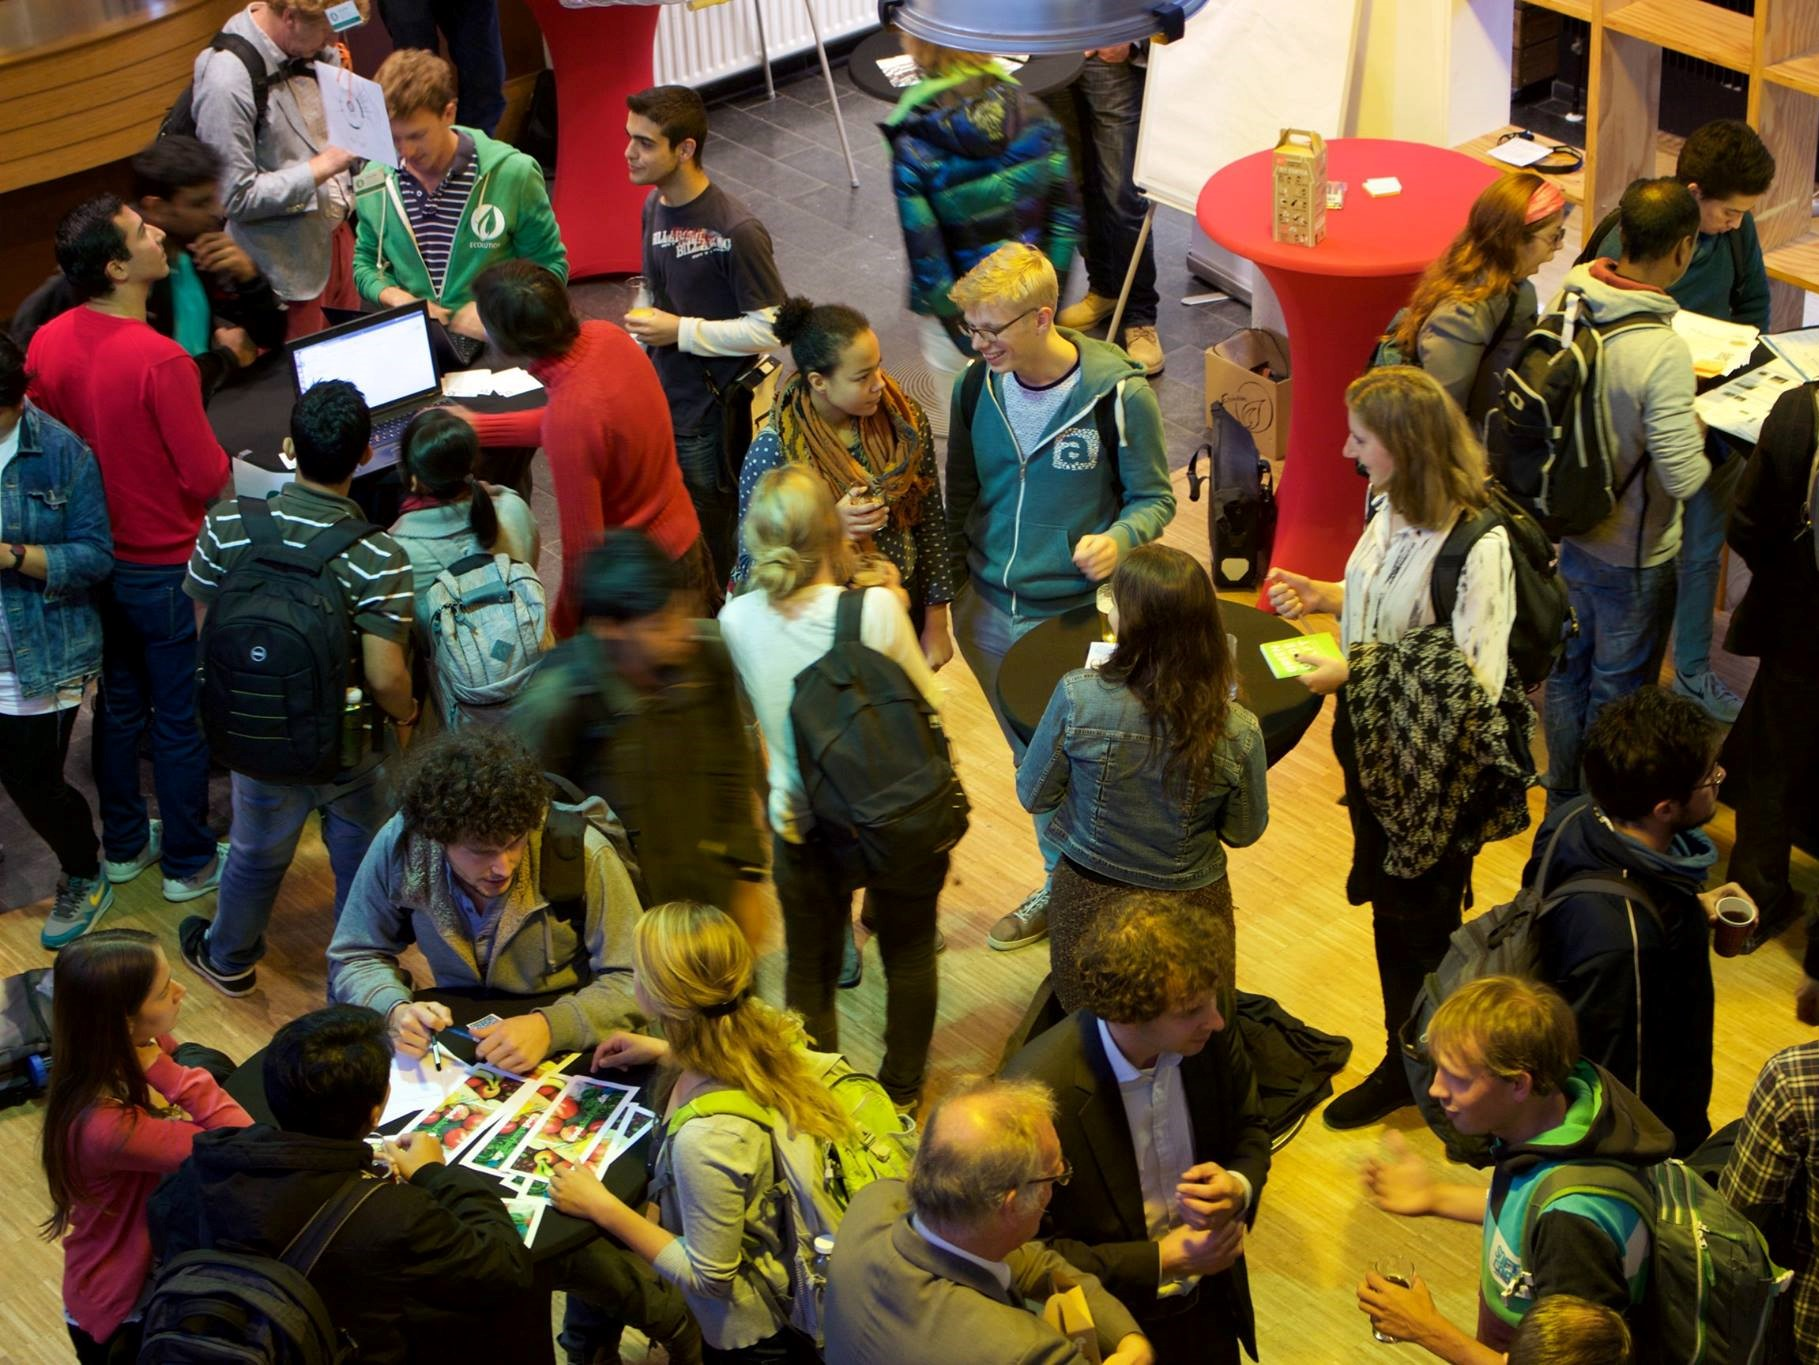 Nachhaltigkeitstag an der TU Delft, wo verschiedene Nachhaltigkeitsinitiativen sich vorstellen. Auch an deiner Institution könnte es mehr Nachhaltigkeitsinitiativen geben als du denkst. (Foto: Green Office Delft)